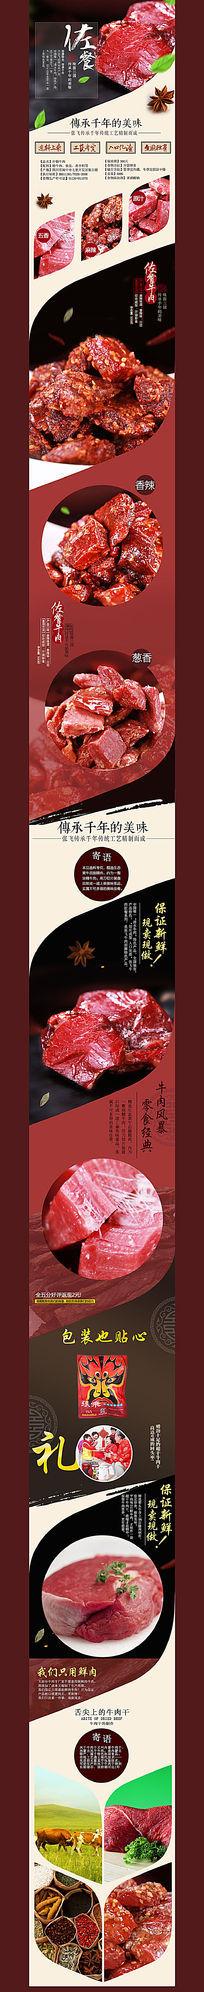 淘宝天猫休闲食品牛肉详情页描述模板佐餐